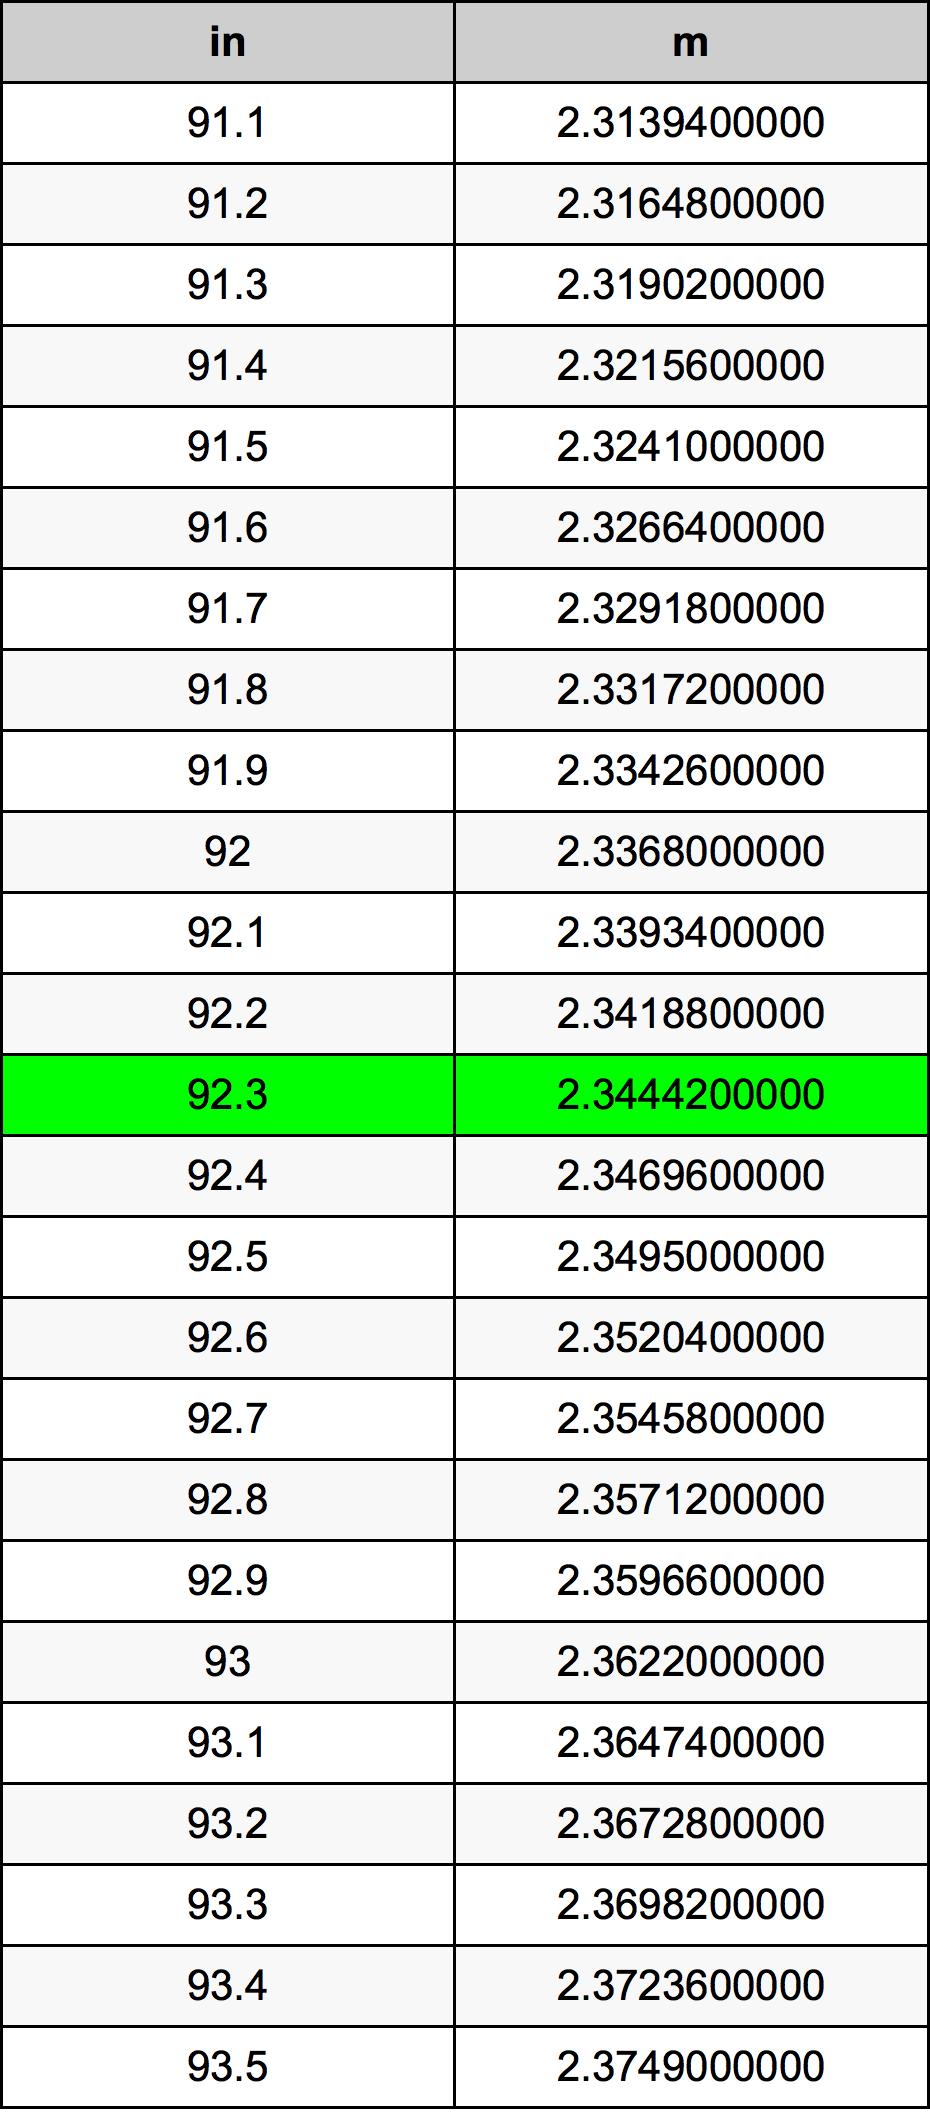 92.3 инч Таблица за преобразуване